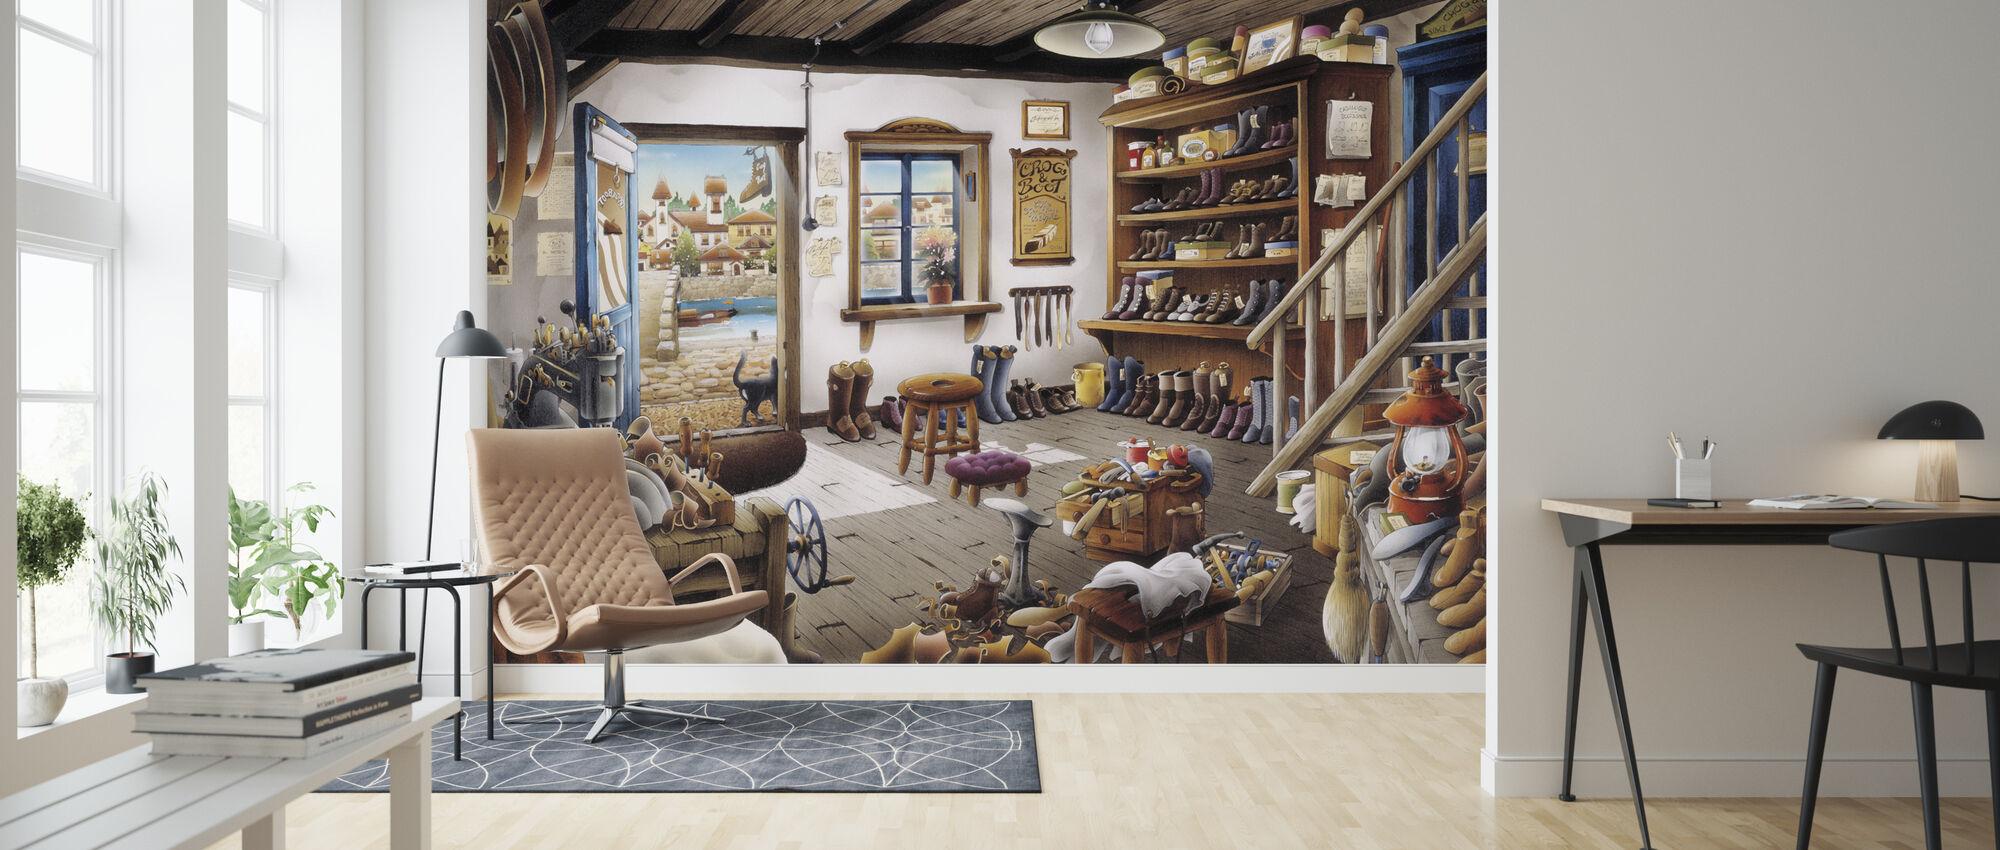 The Cobbler Shop - Tapet - Stue